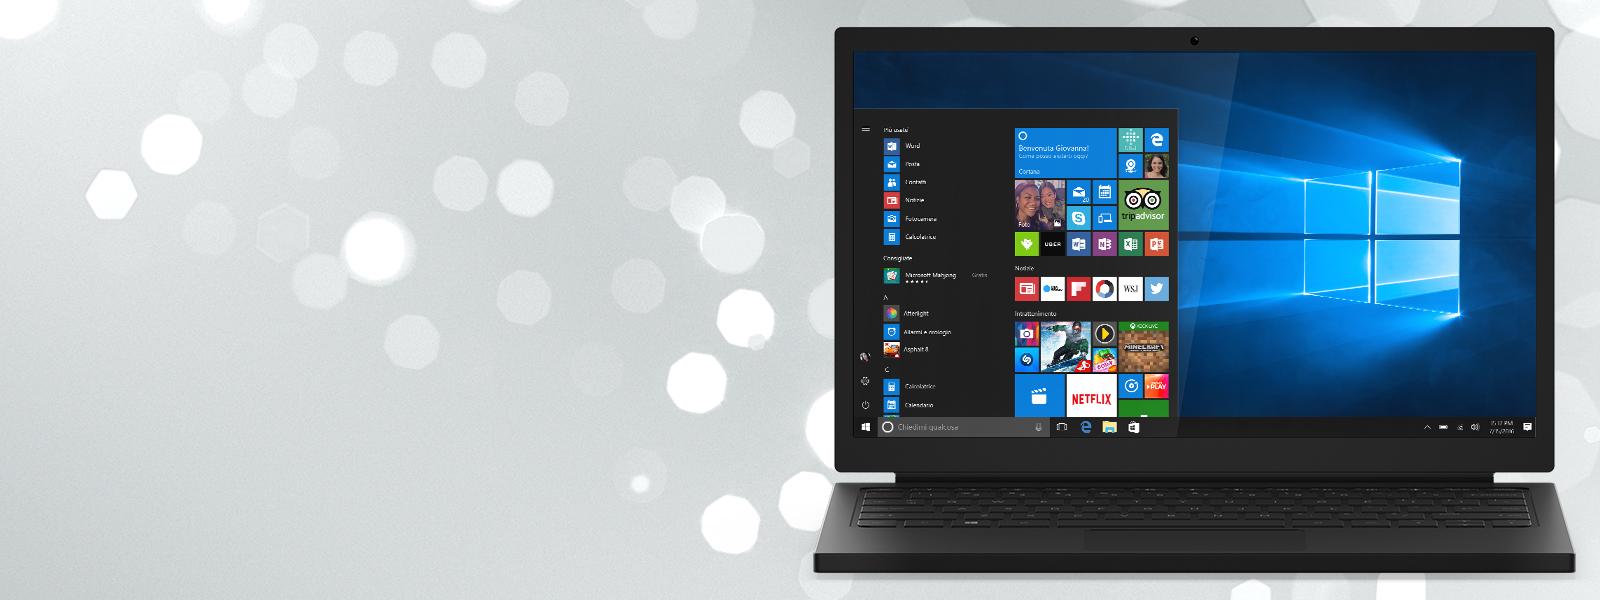 Un portatile con una schermata Start di Windows